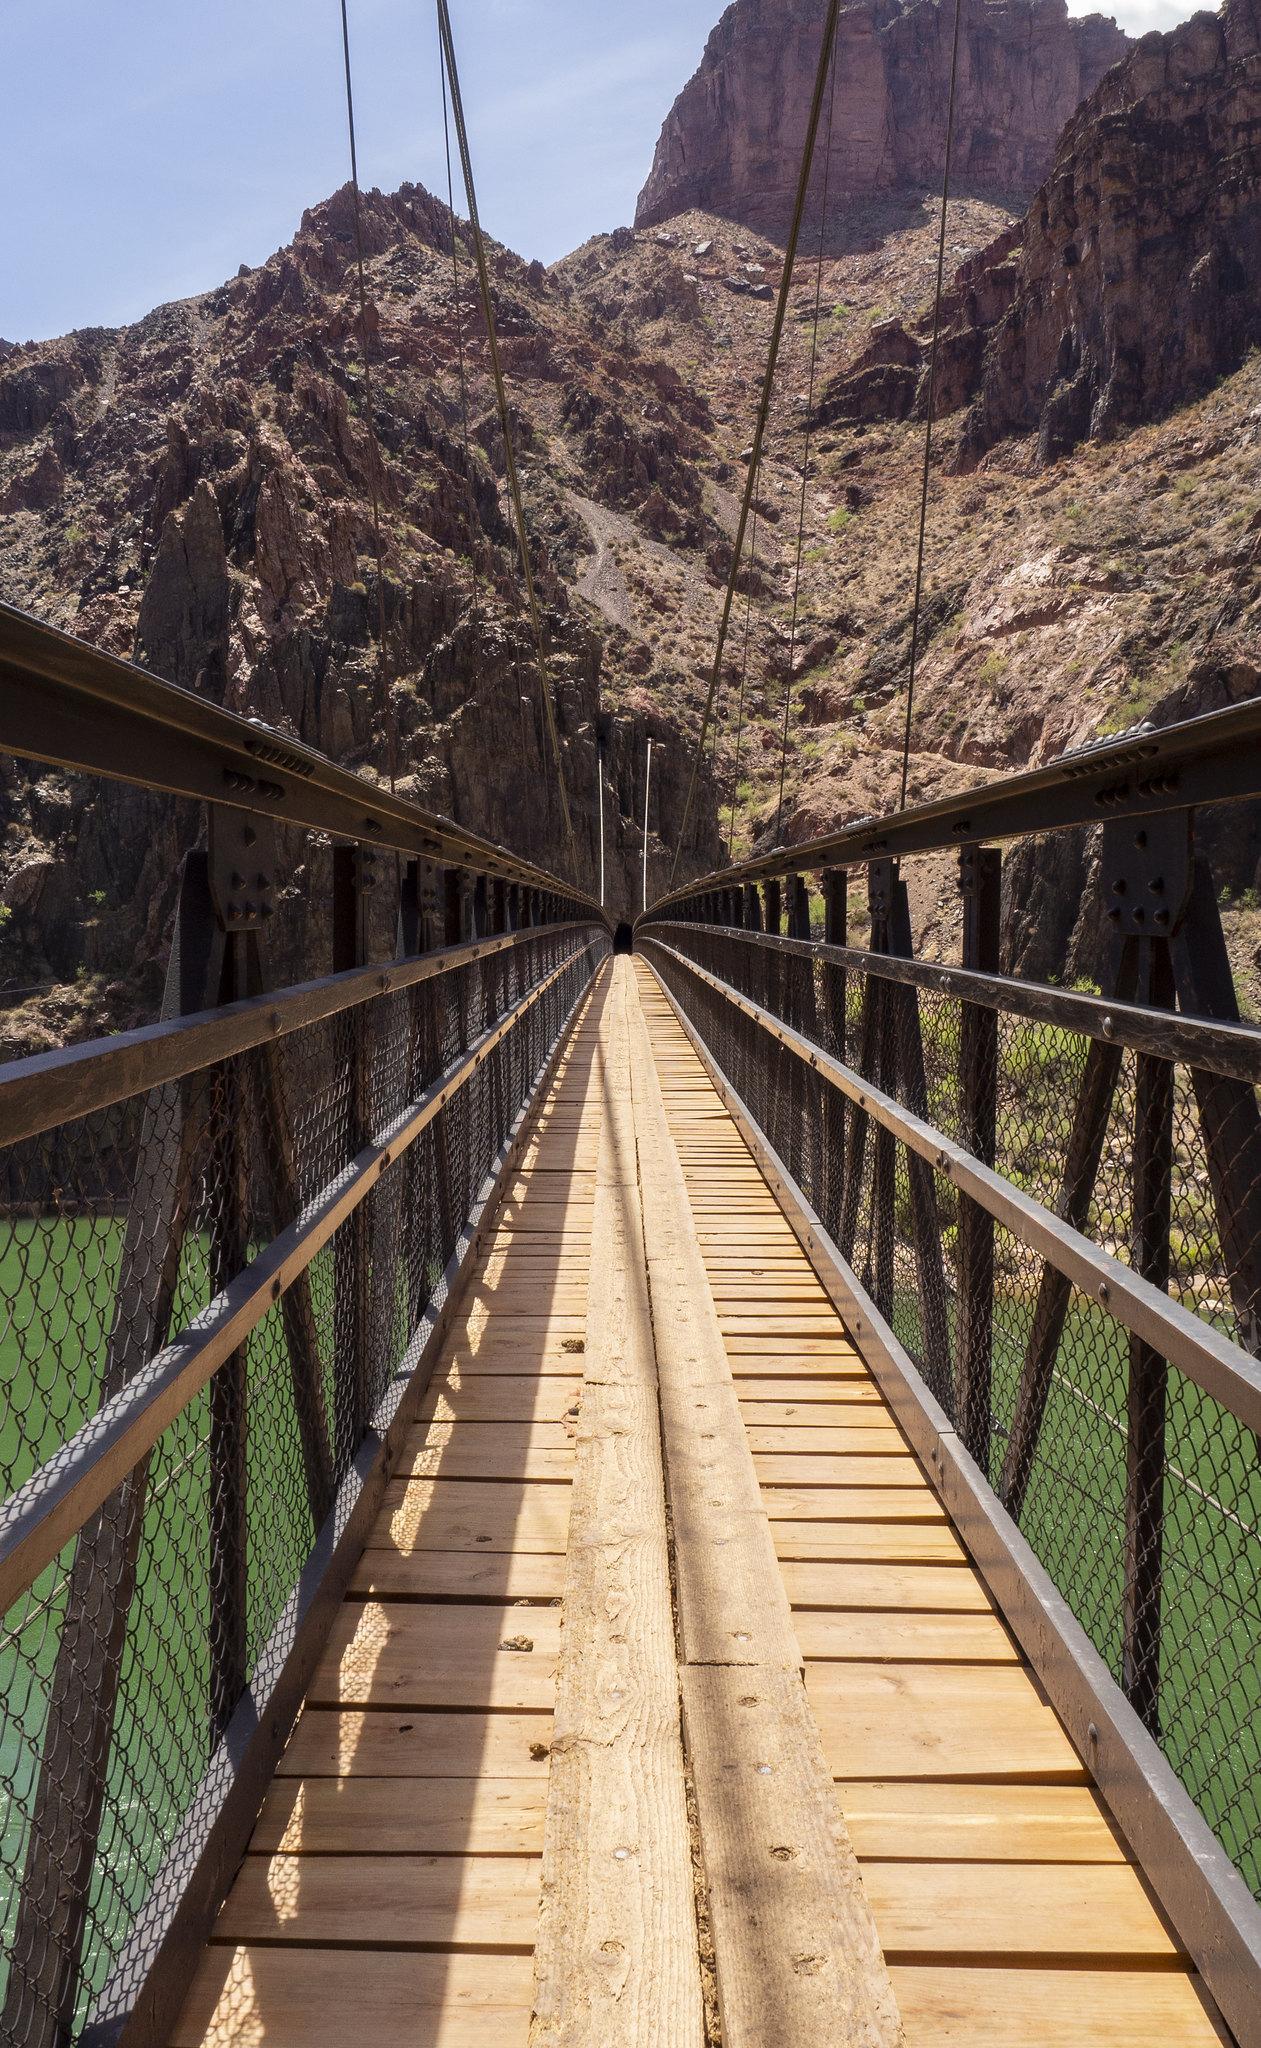 Bright Angel Suspension Bridge